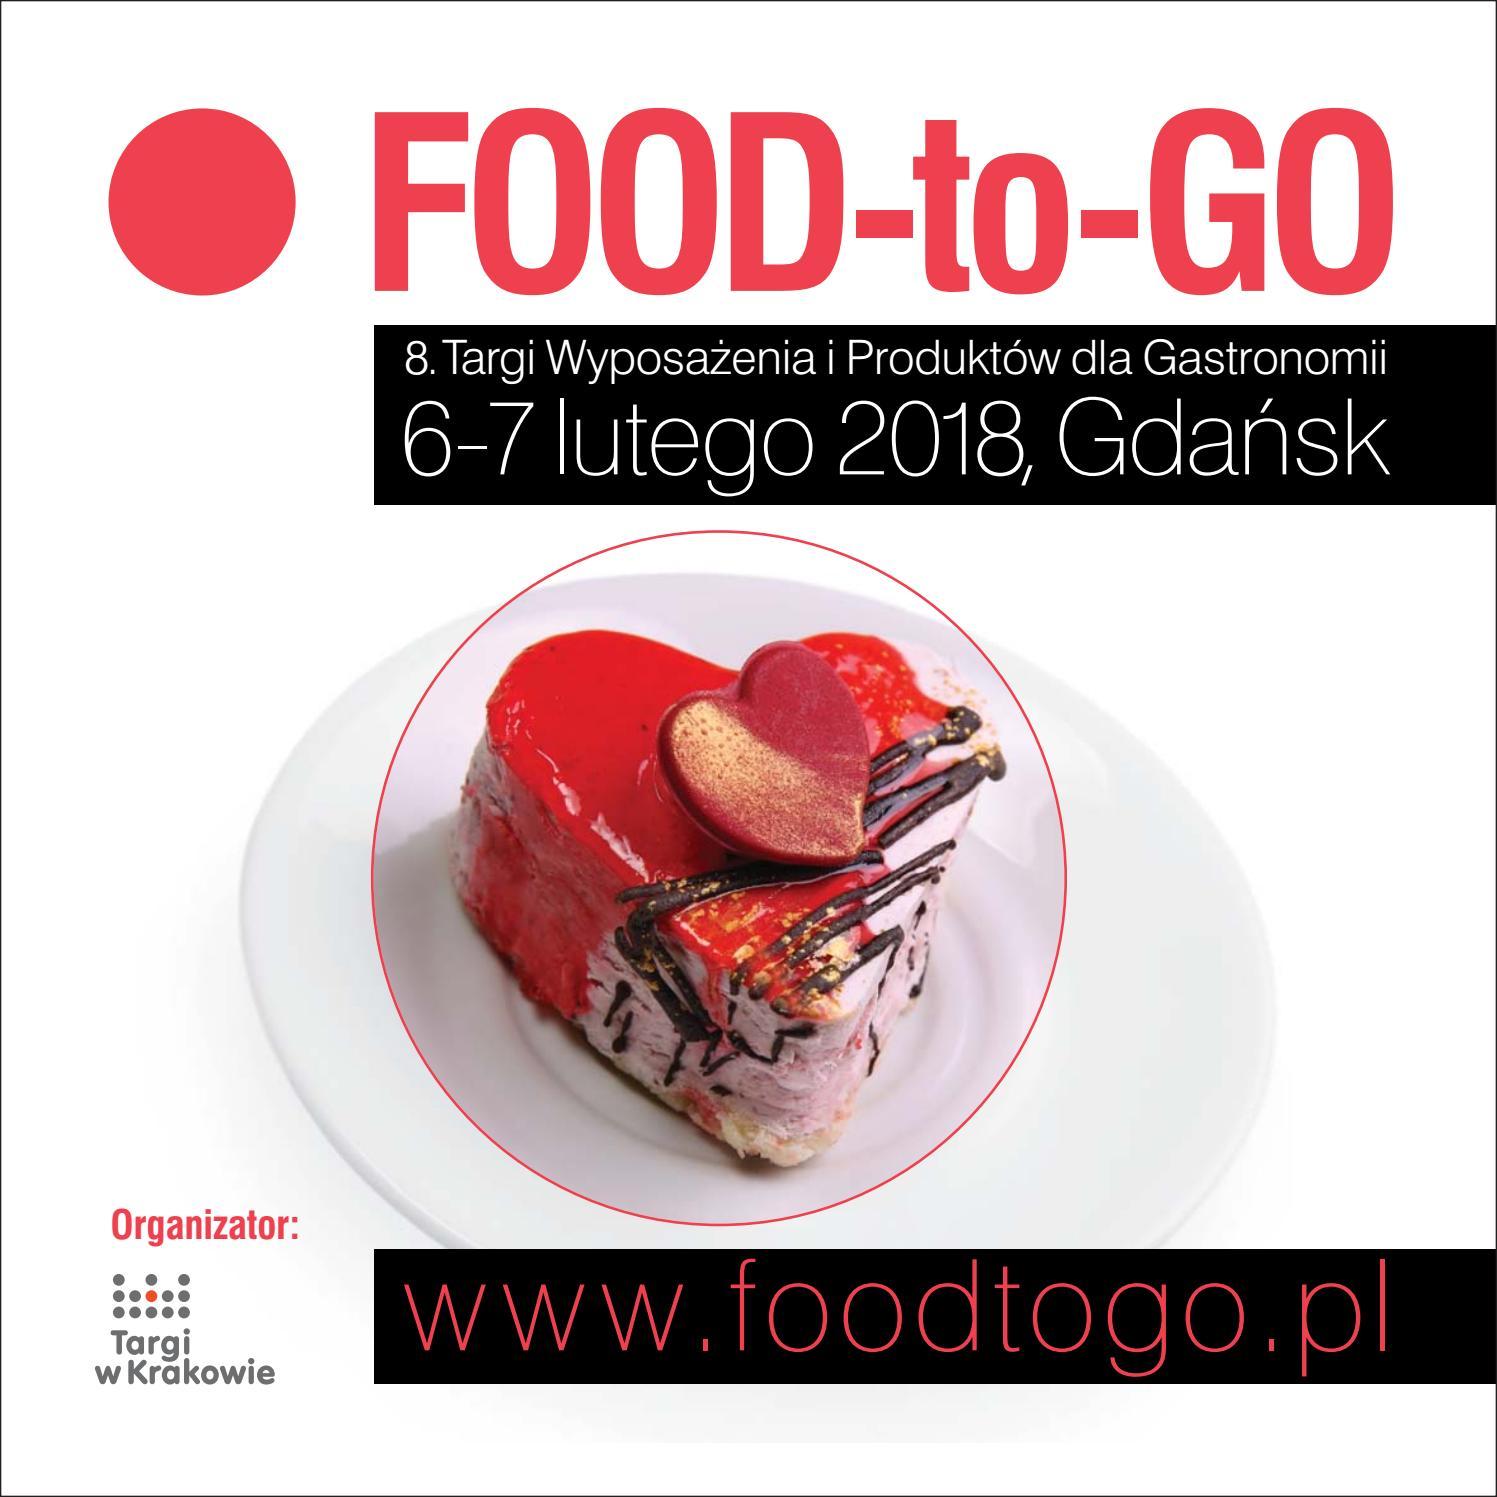 8. Targi FOOD-to-GO w Gdańsku